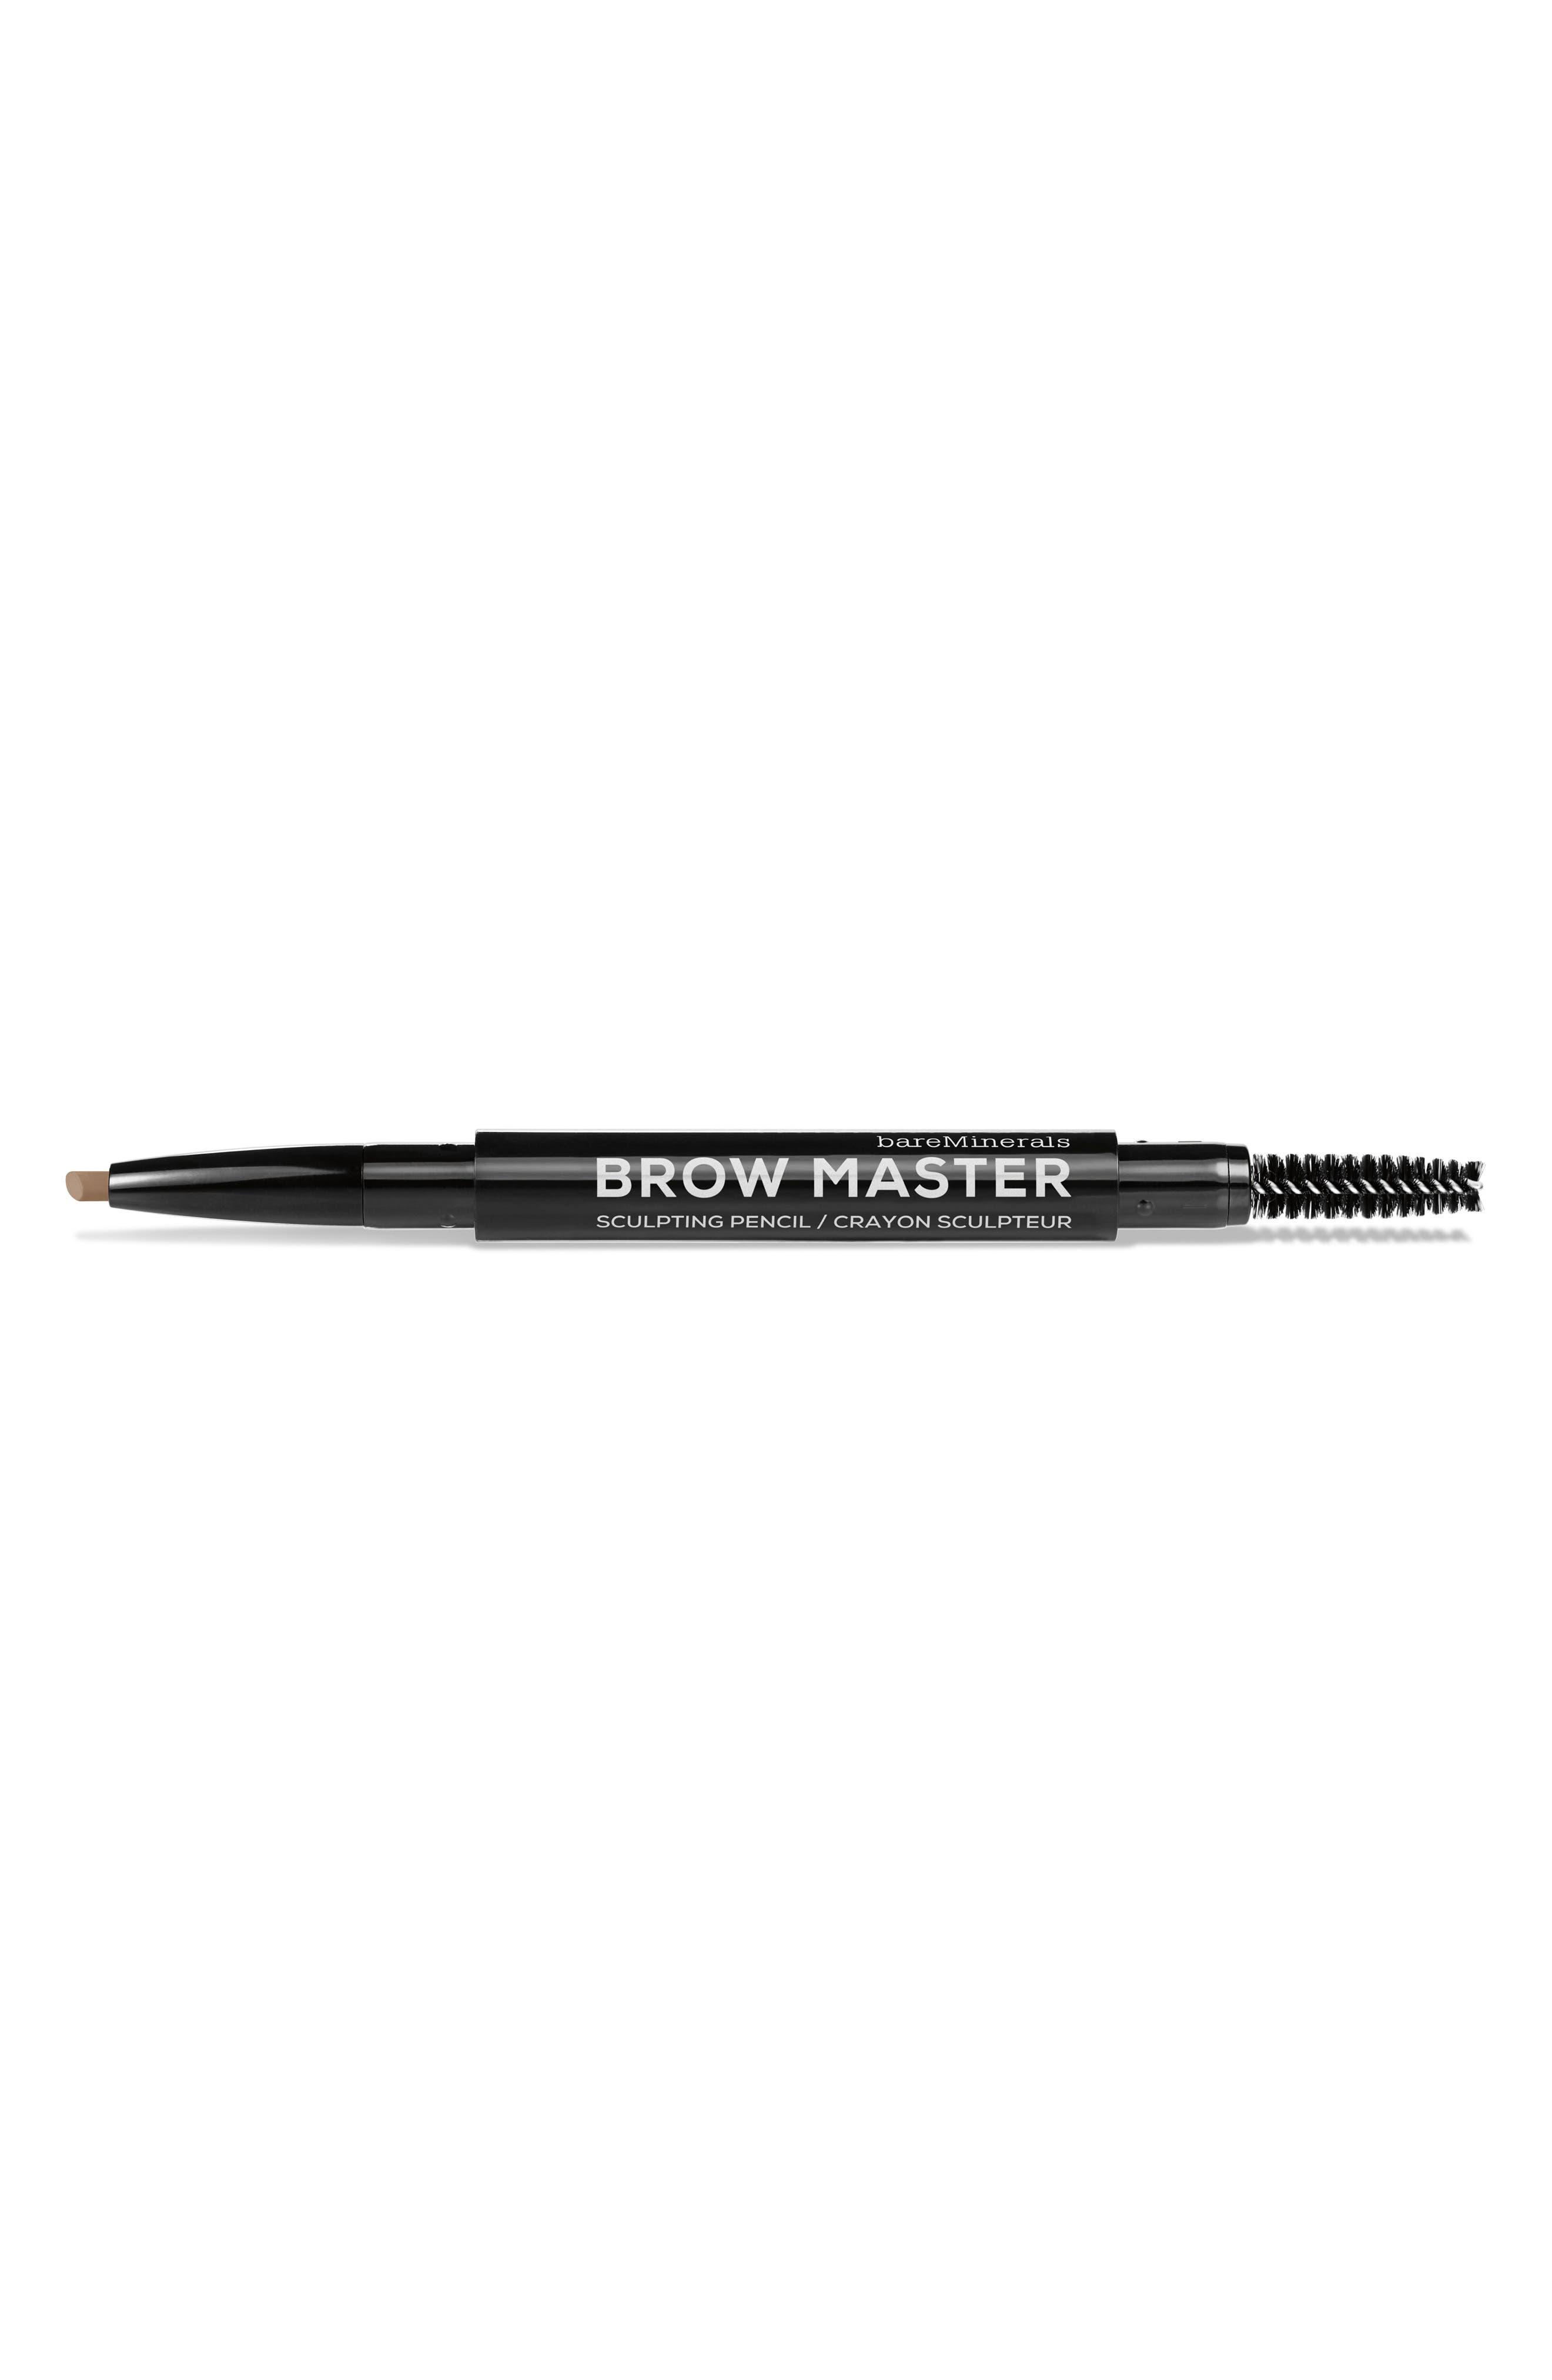 Bareminerals Brow Master Sculpting Pencil